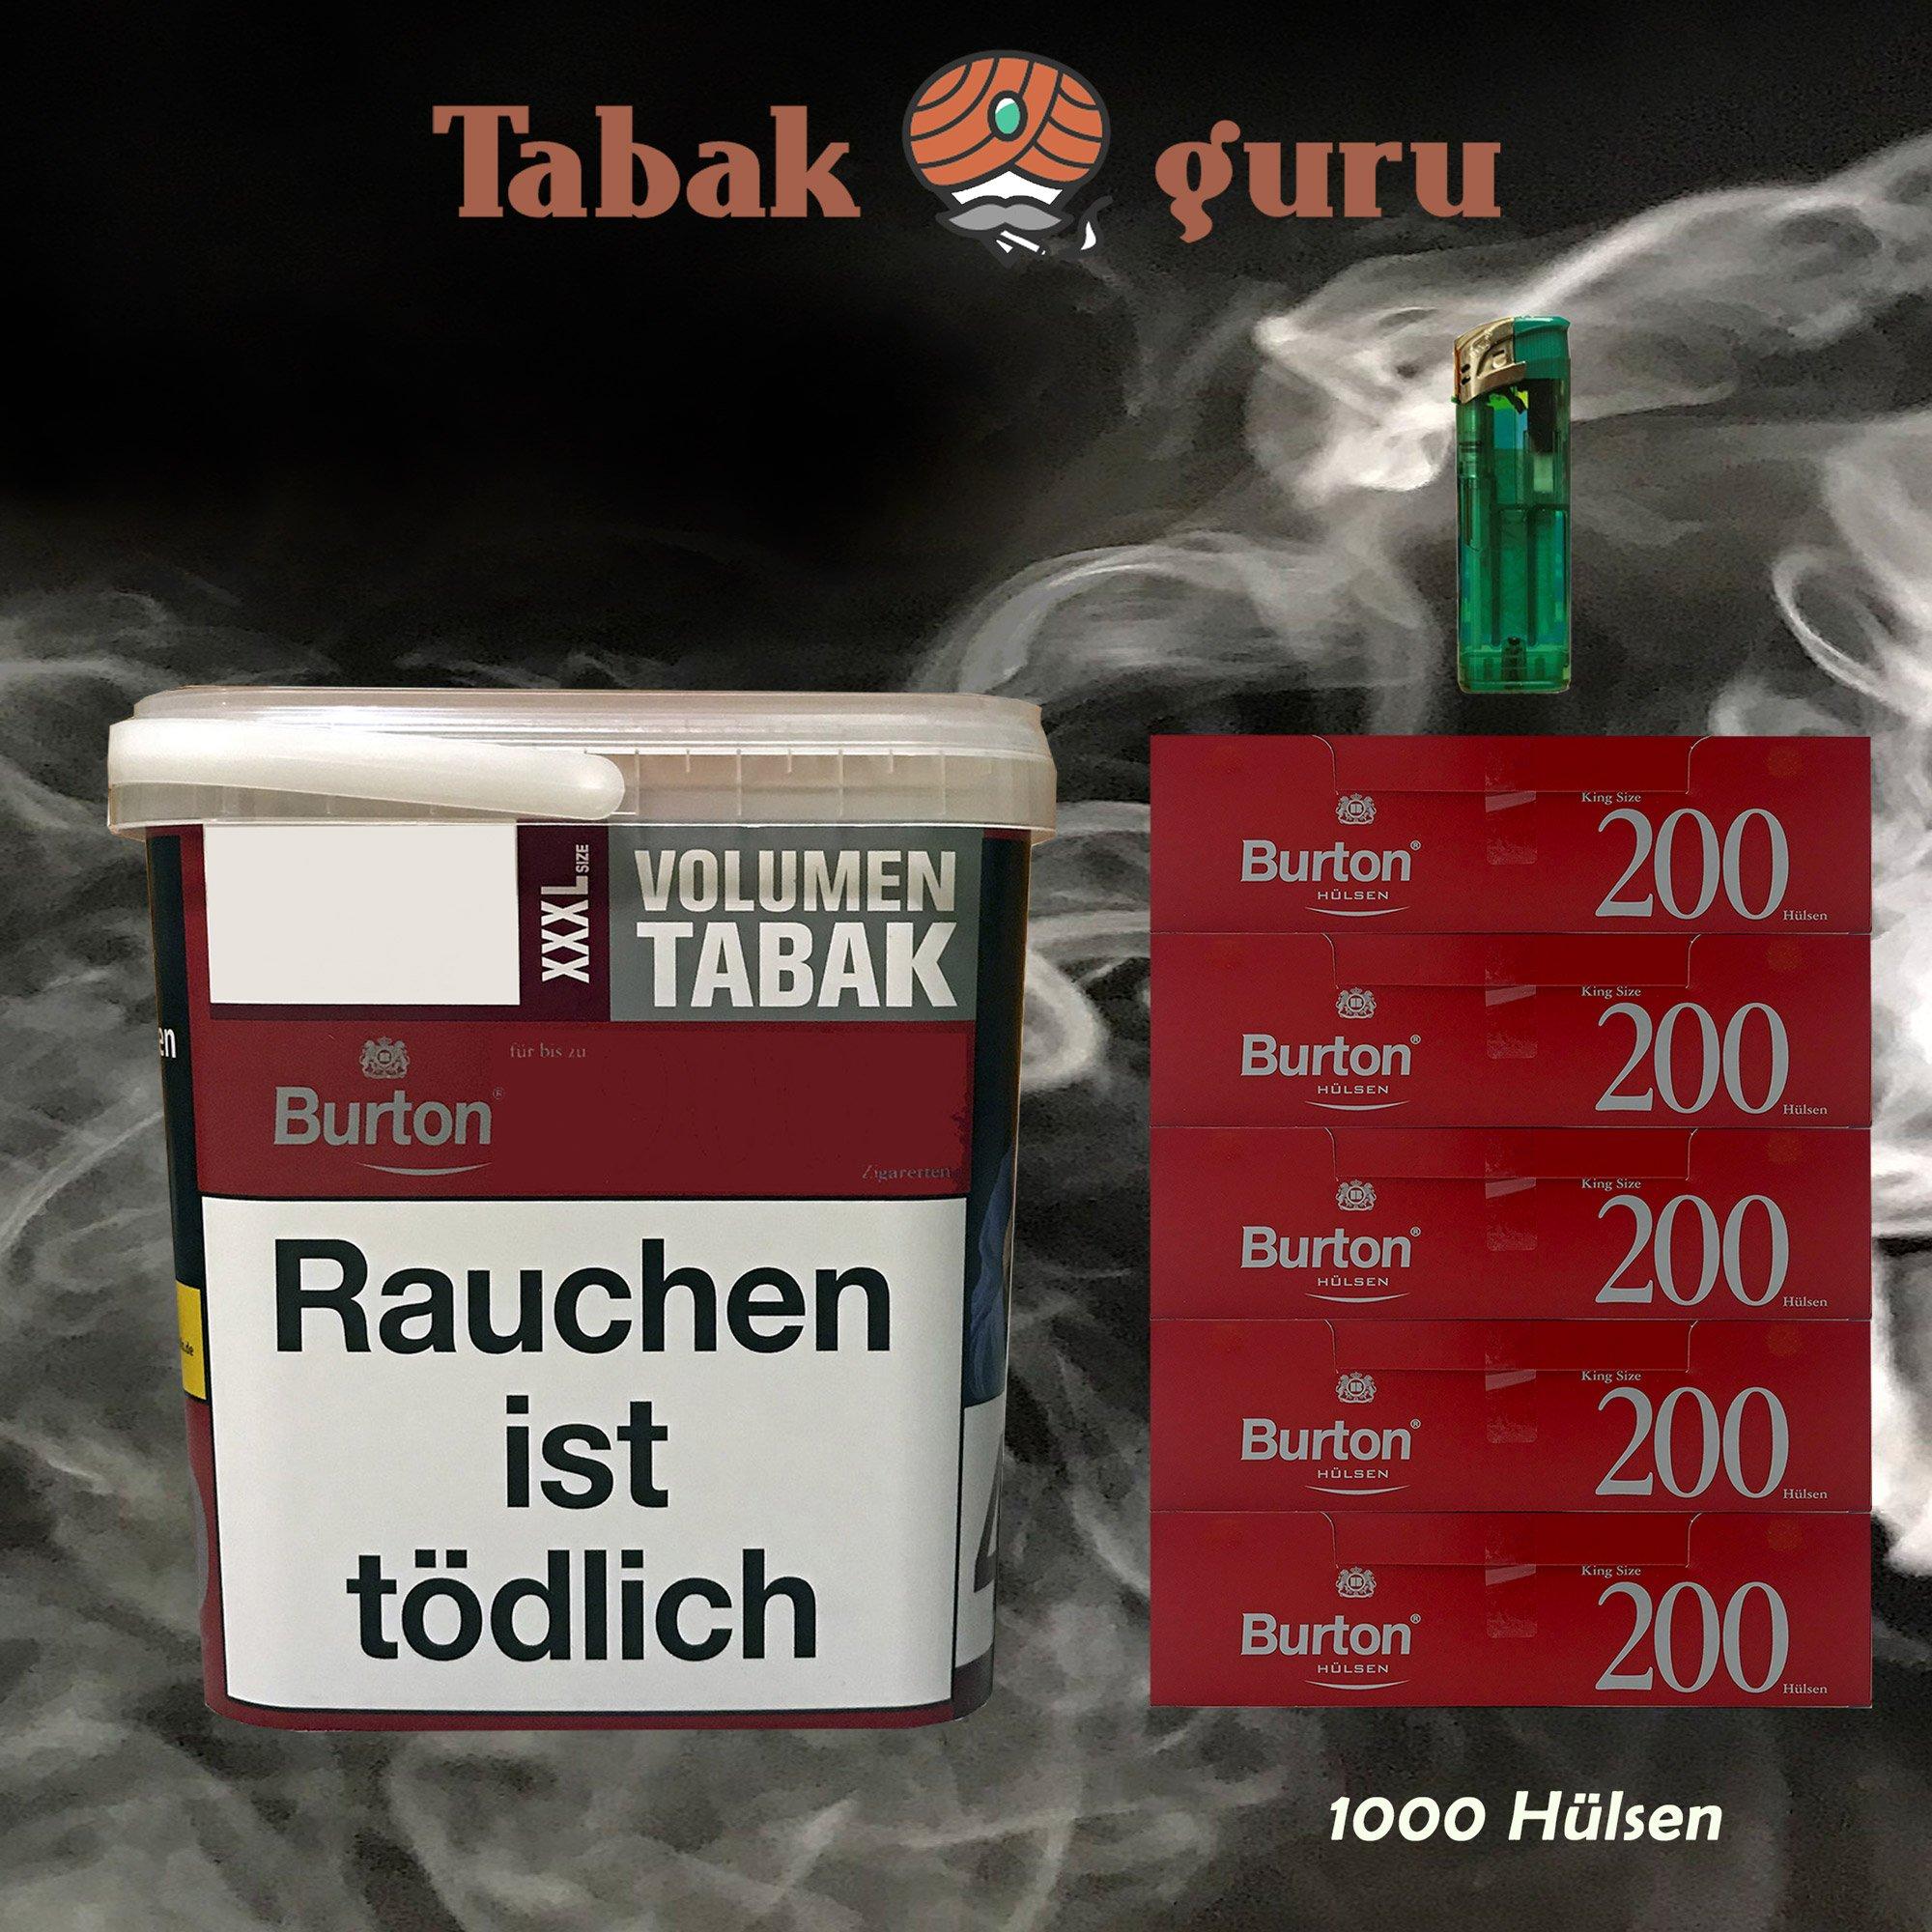 1x Burton Red Volumentabak / Zigarettentabak XXXL Eimer 370g, Hülsen, Feuerzeug